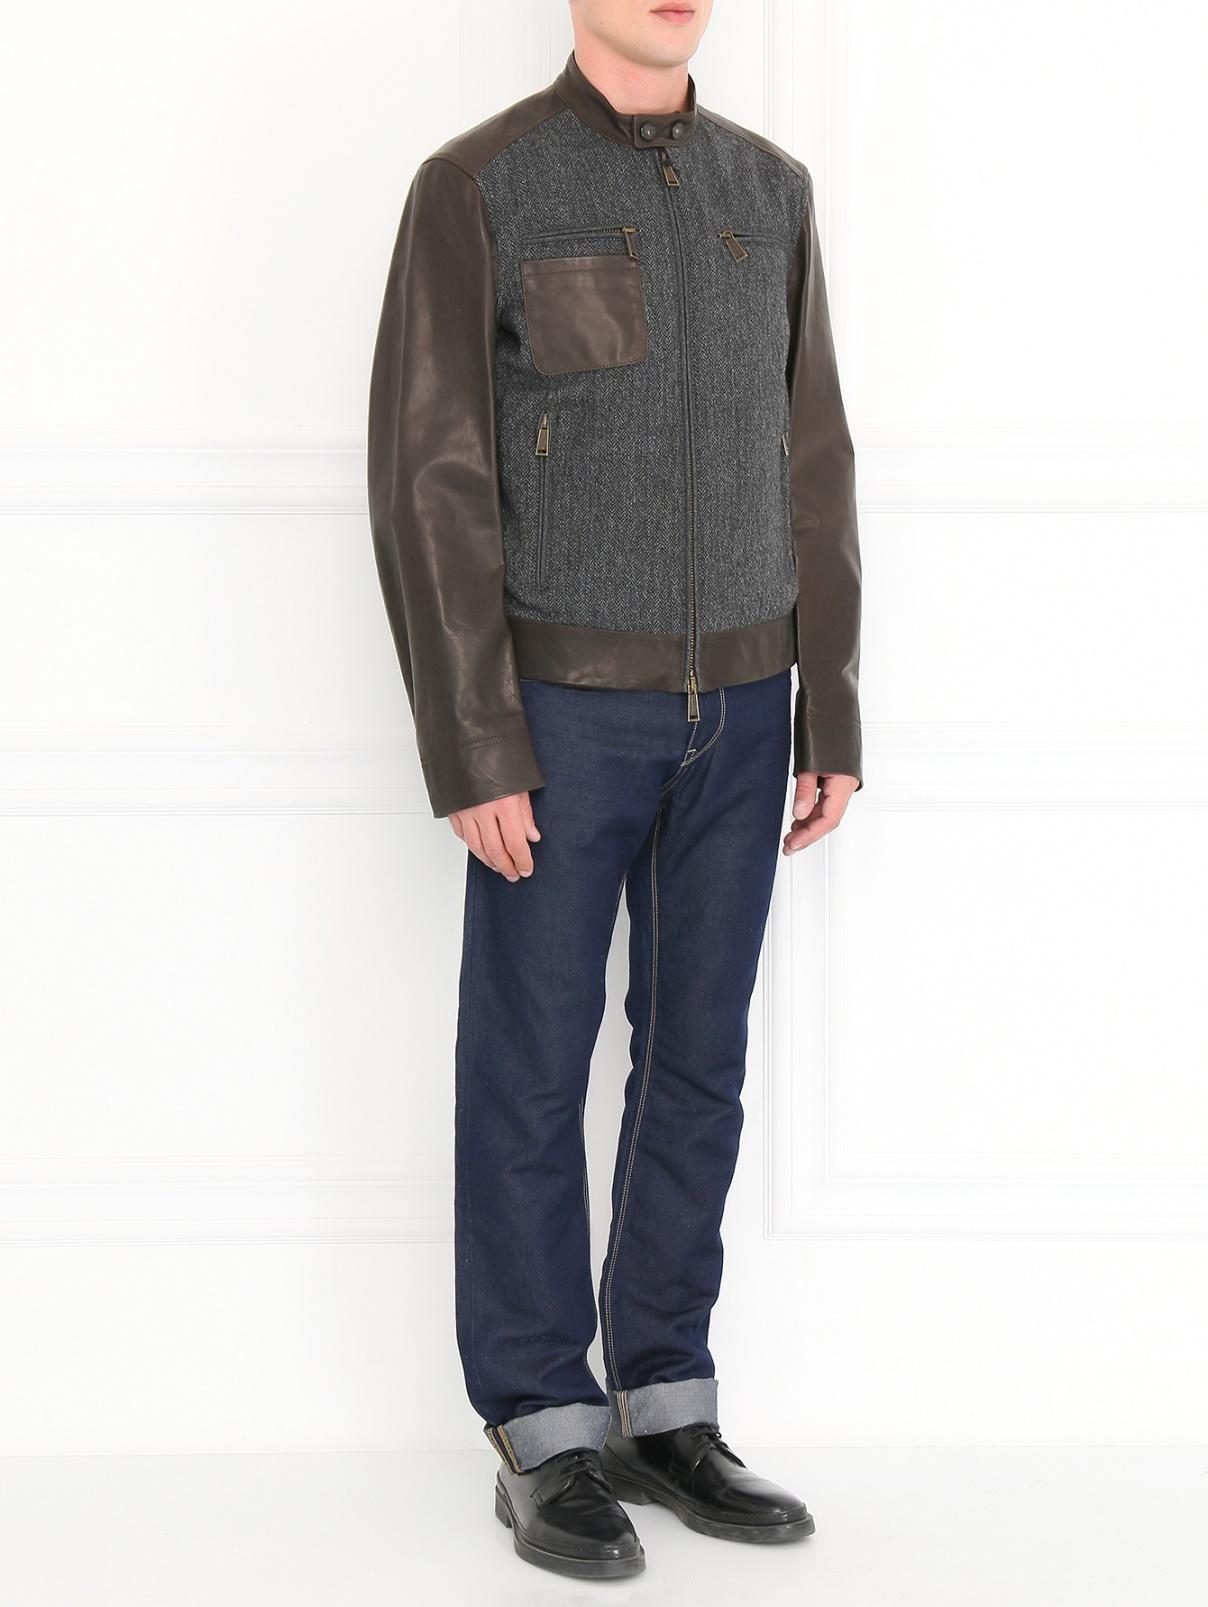 Куртка из шерсти с кожаными вставками Dsquared2  –  Модель Общий вид  – Цвет:  Серый